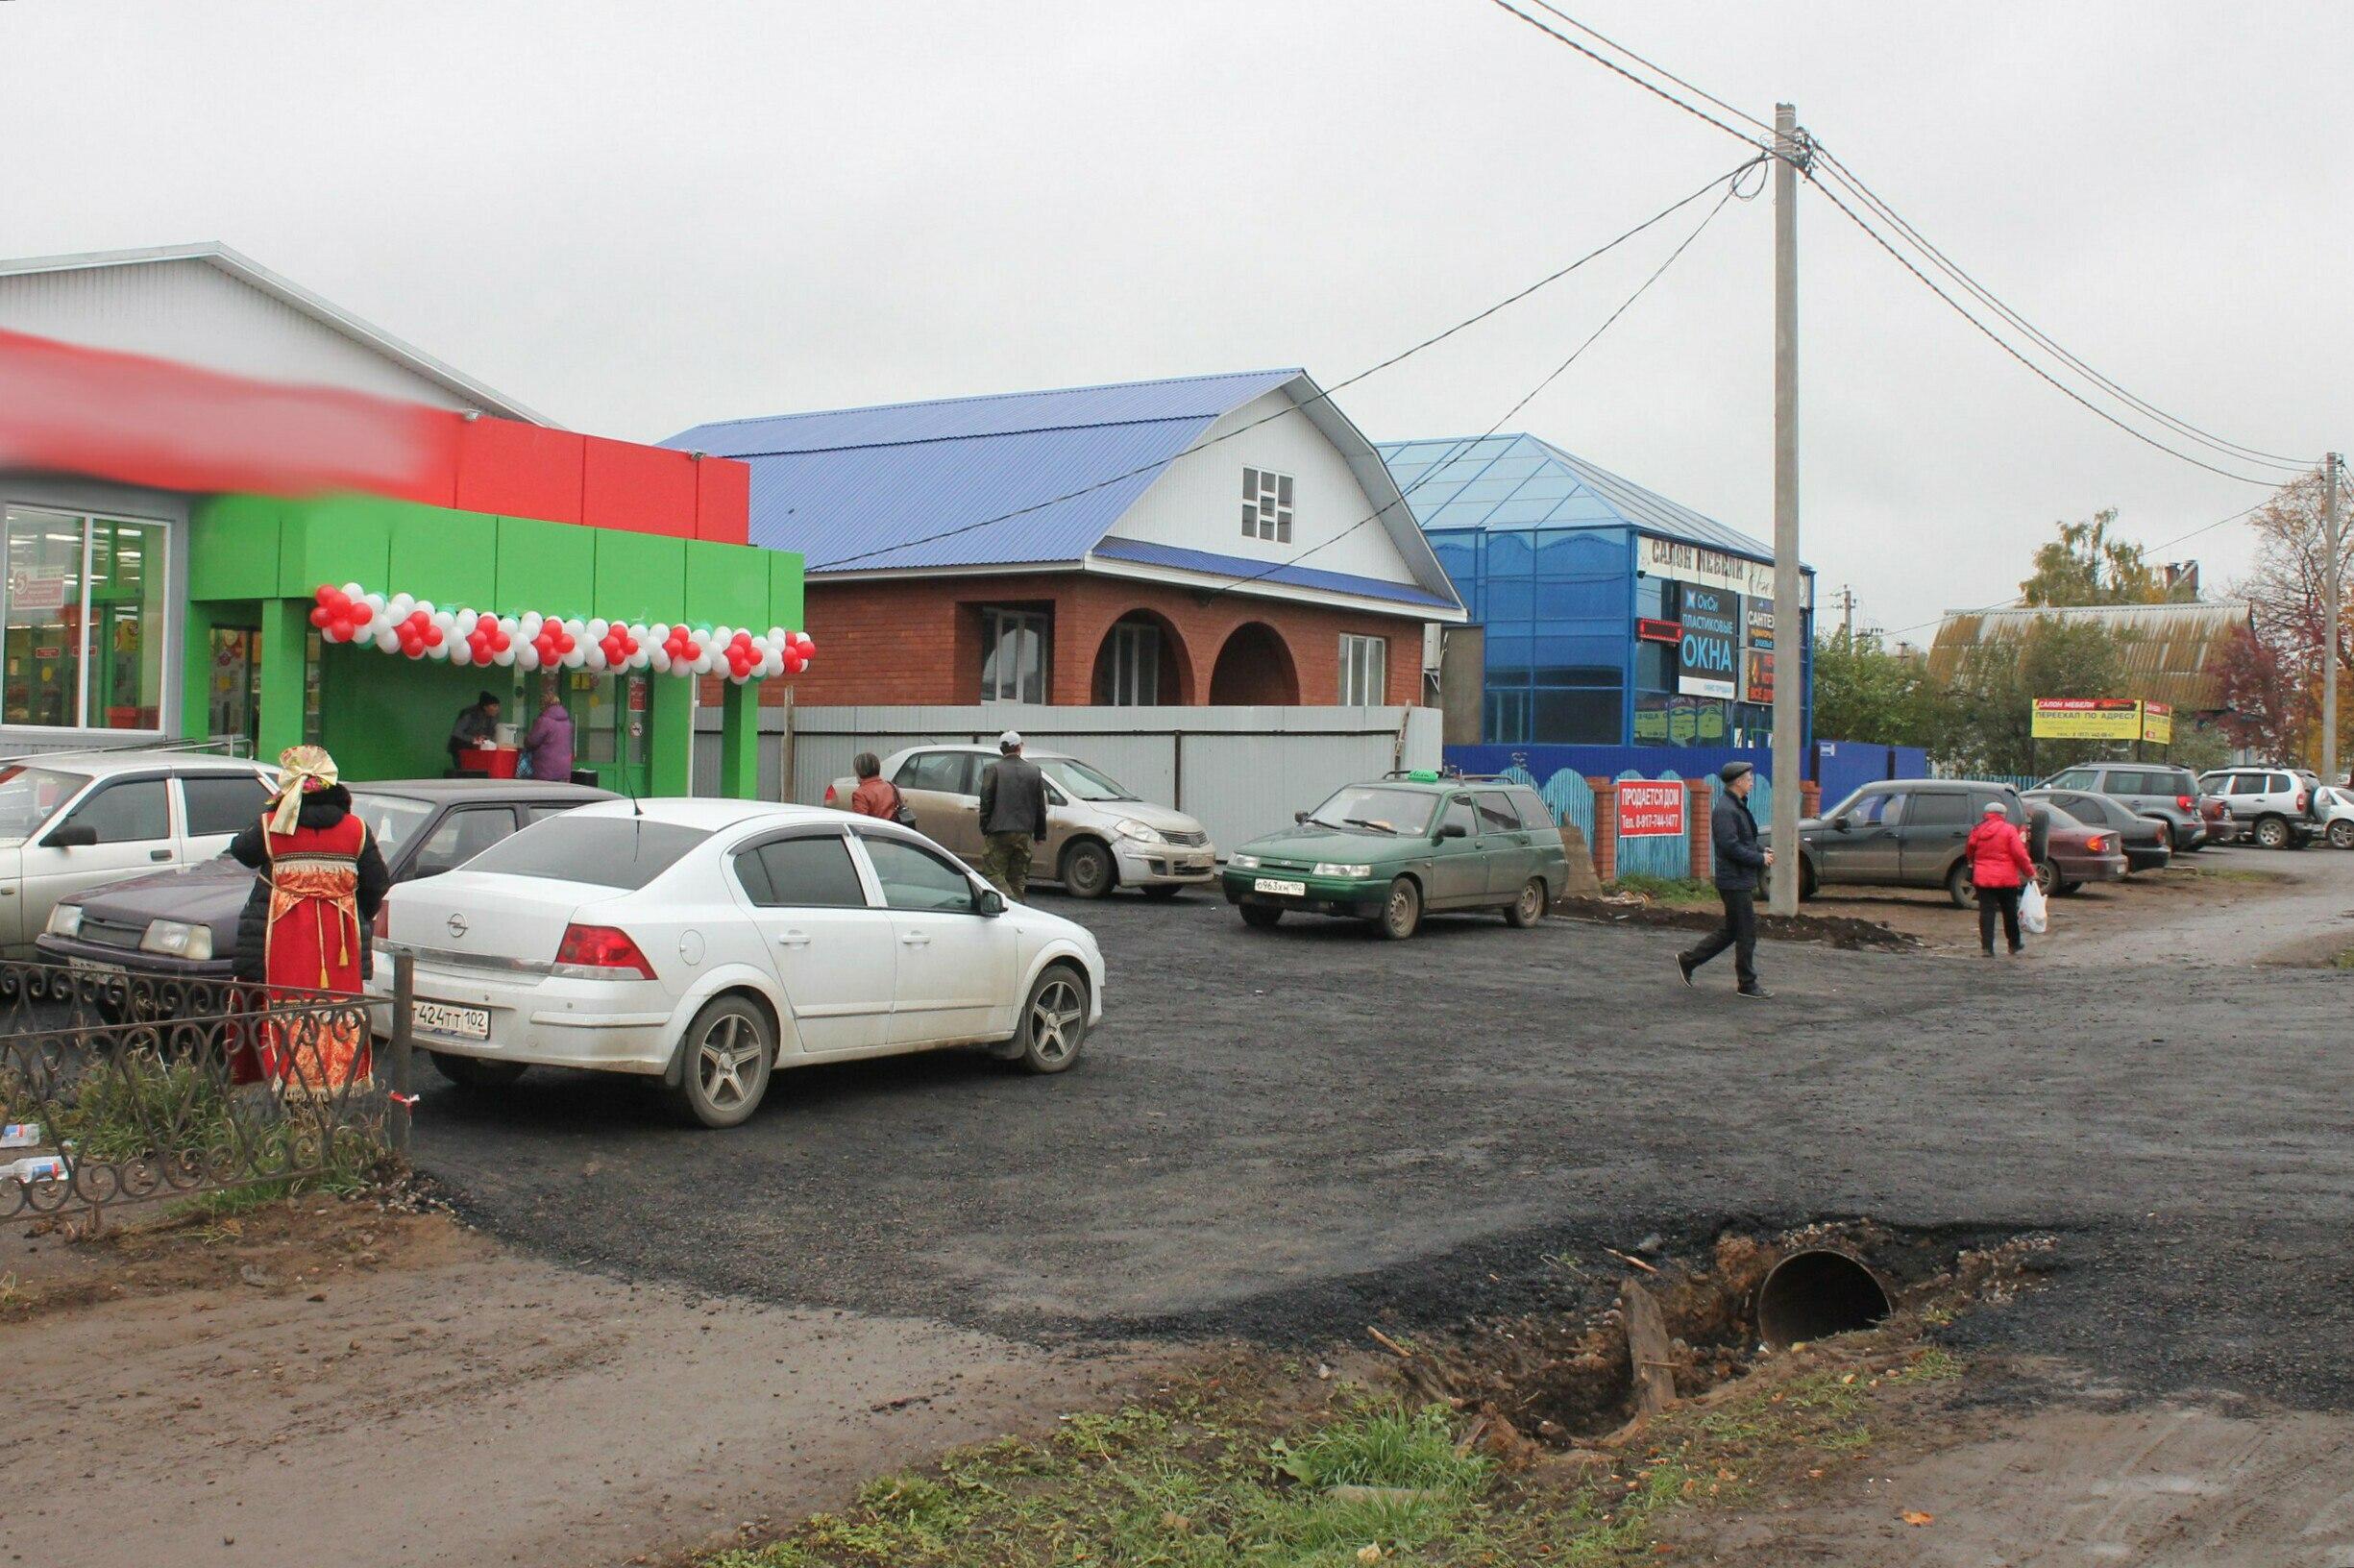 Жители башкирского поселка вышли на борьбу с коммерсантами, заполонившими улицу